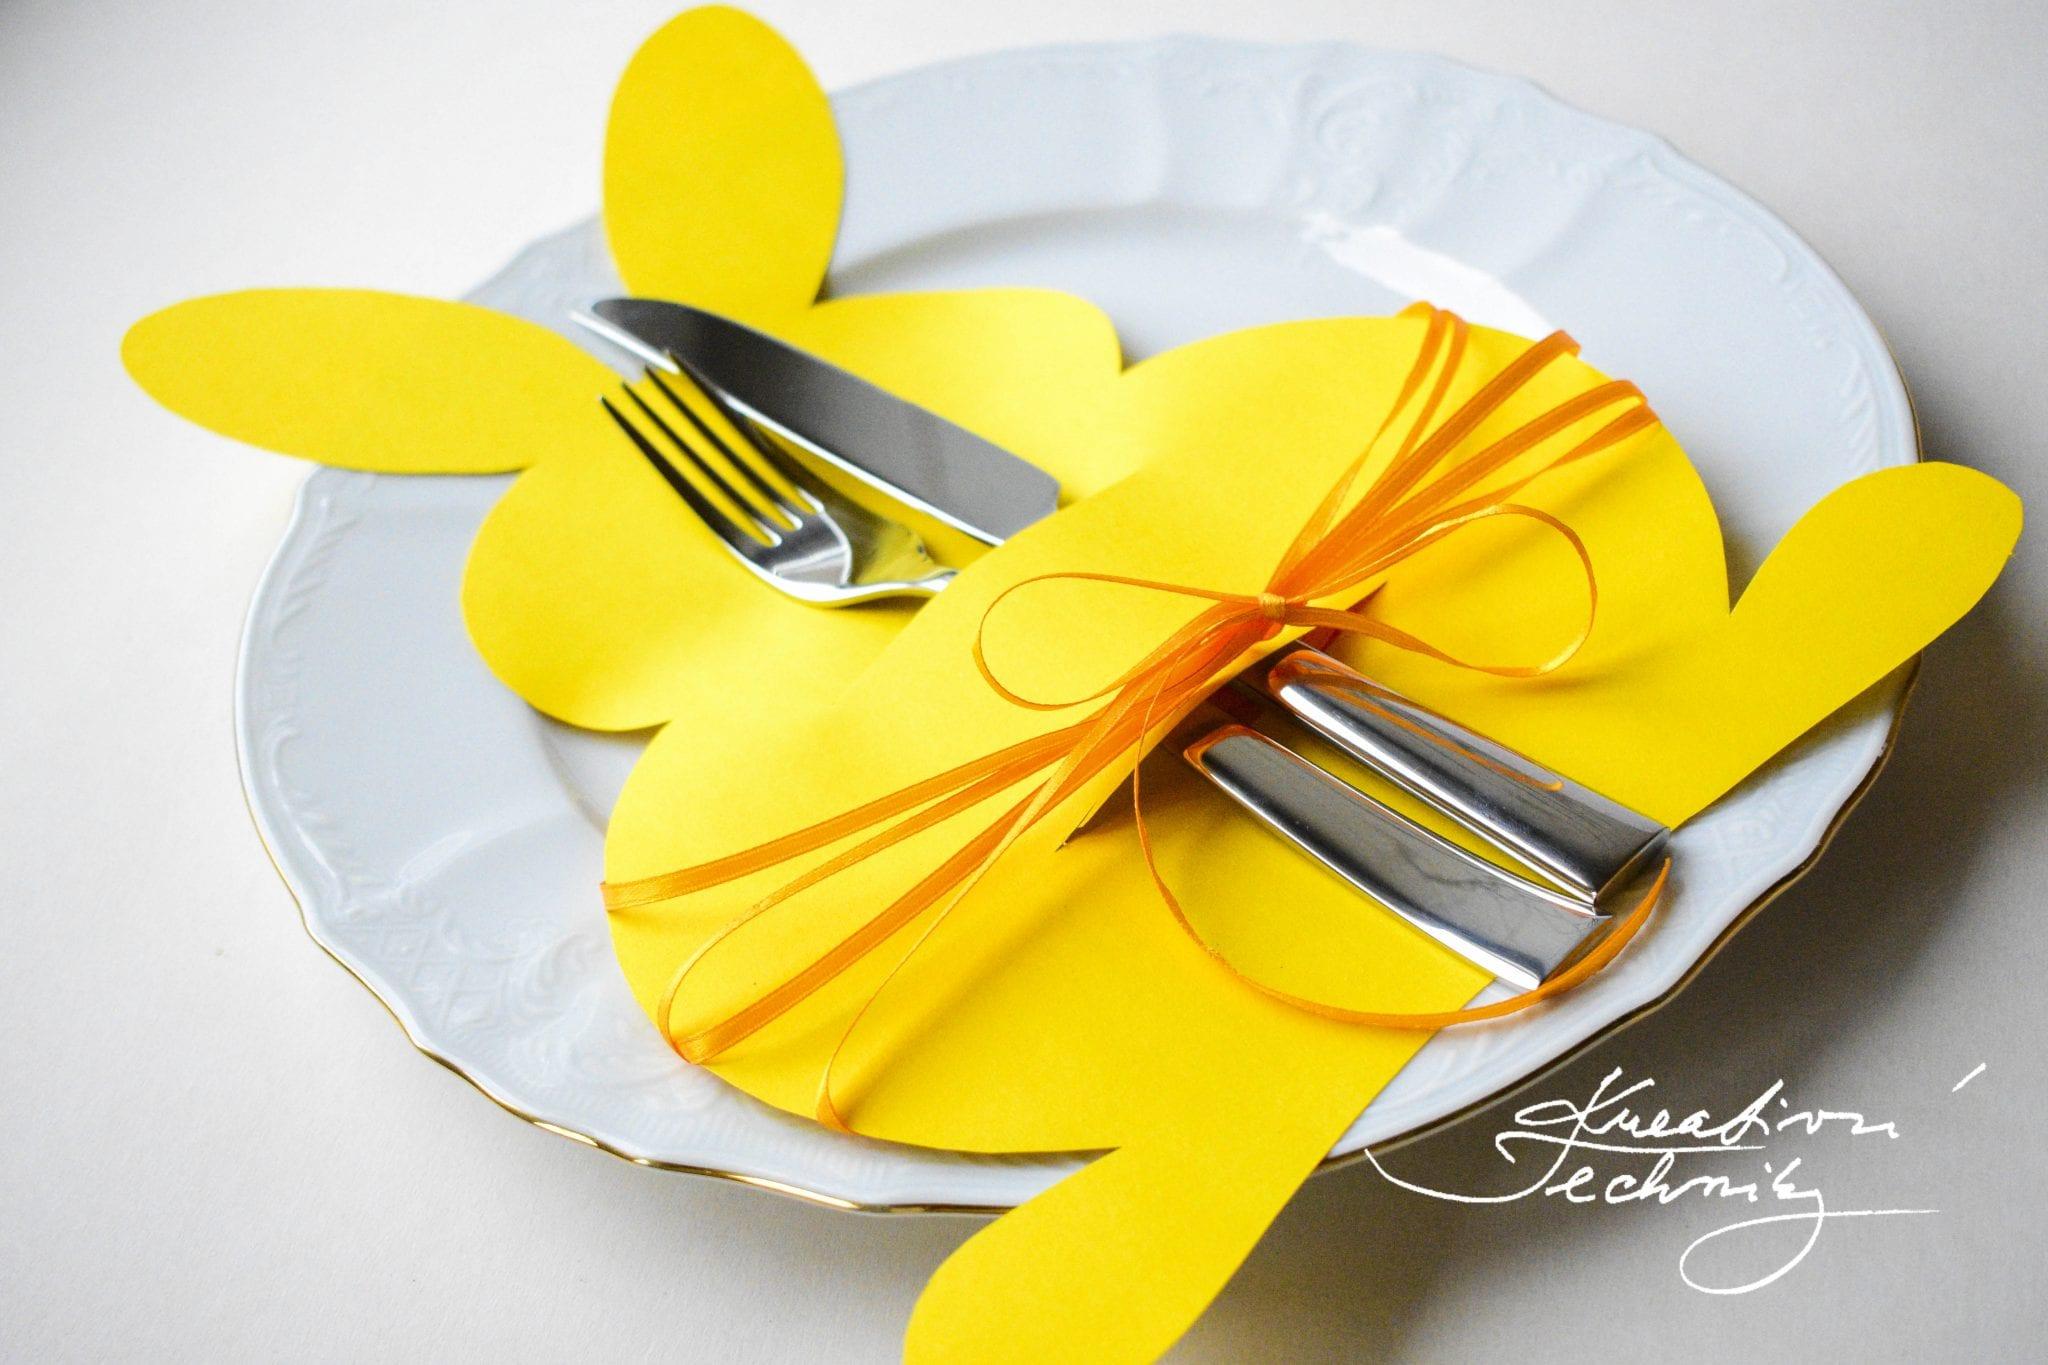 Velikonoční tvoření s dětmi. Dekorace na Velikonoce. Výzdoba na Velikonoce. Velikonoční dekorace, Velikonoční zajíček. Dekorace na stůl. Kreativní tvoření.